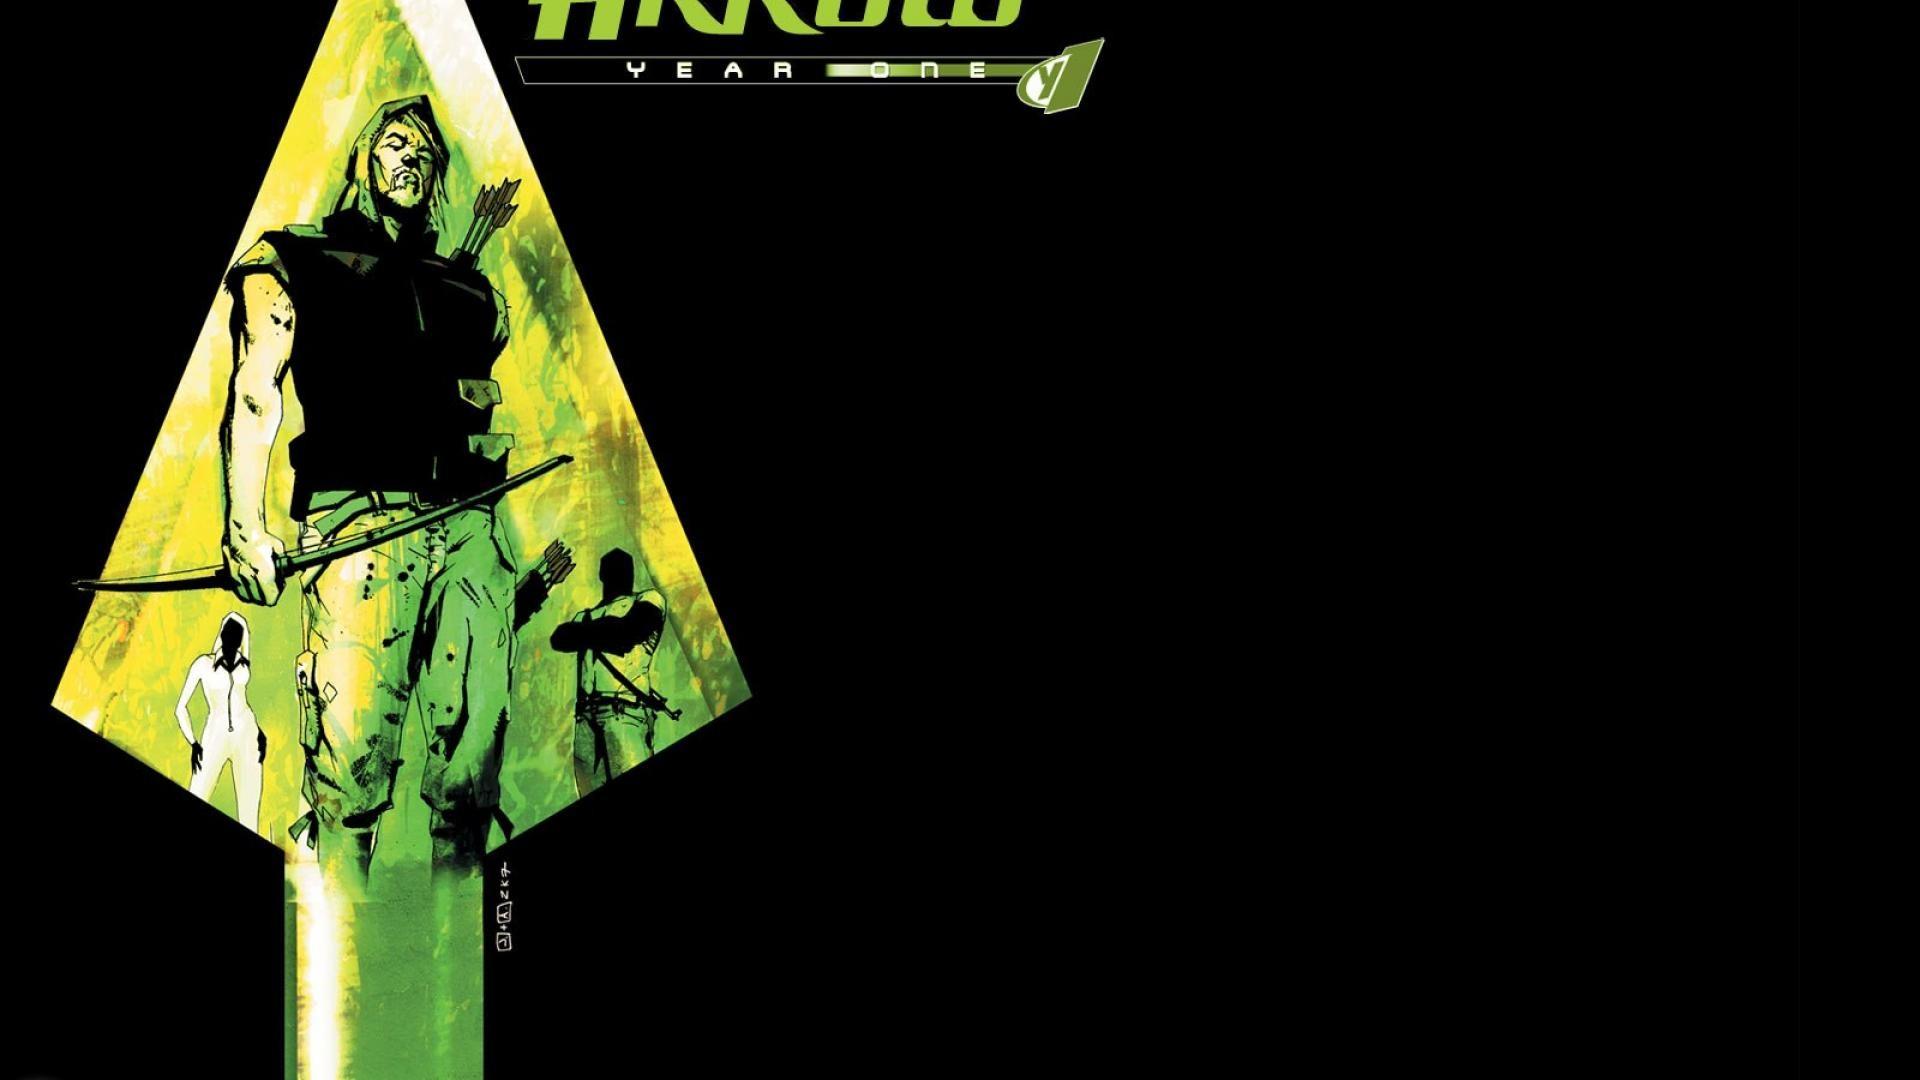 dc comics green arrow hd wallpaper – (#17257) – HQ Desktop Wallpapers .